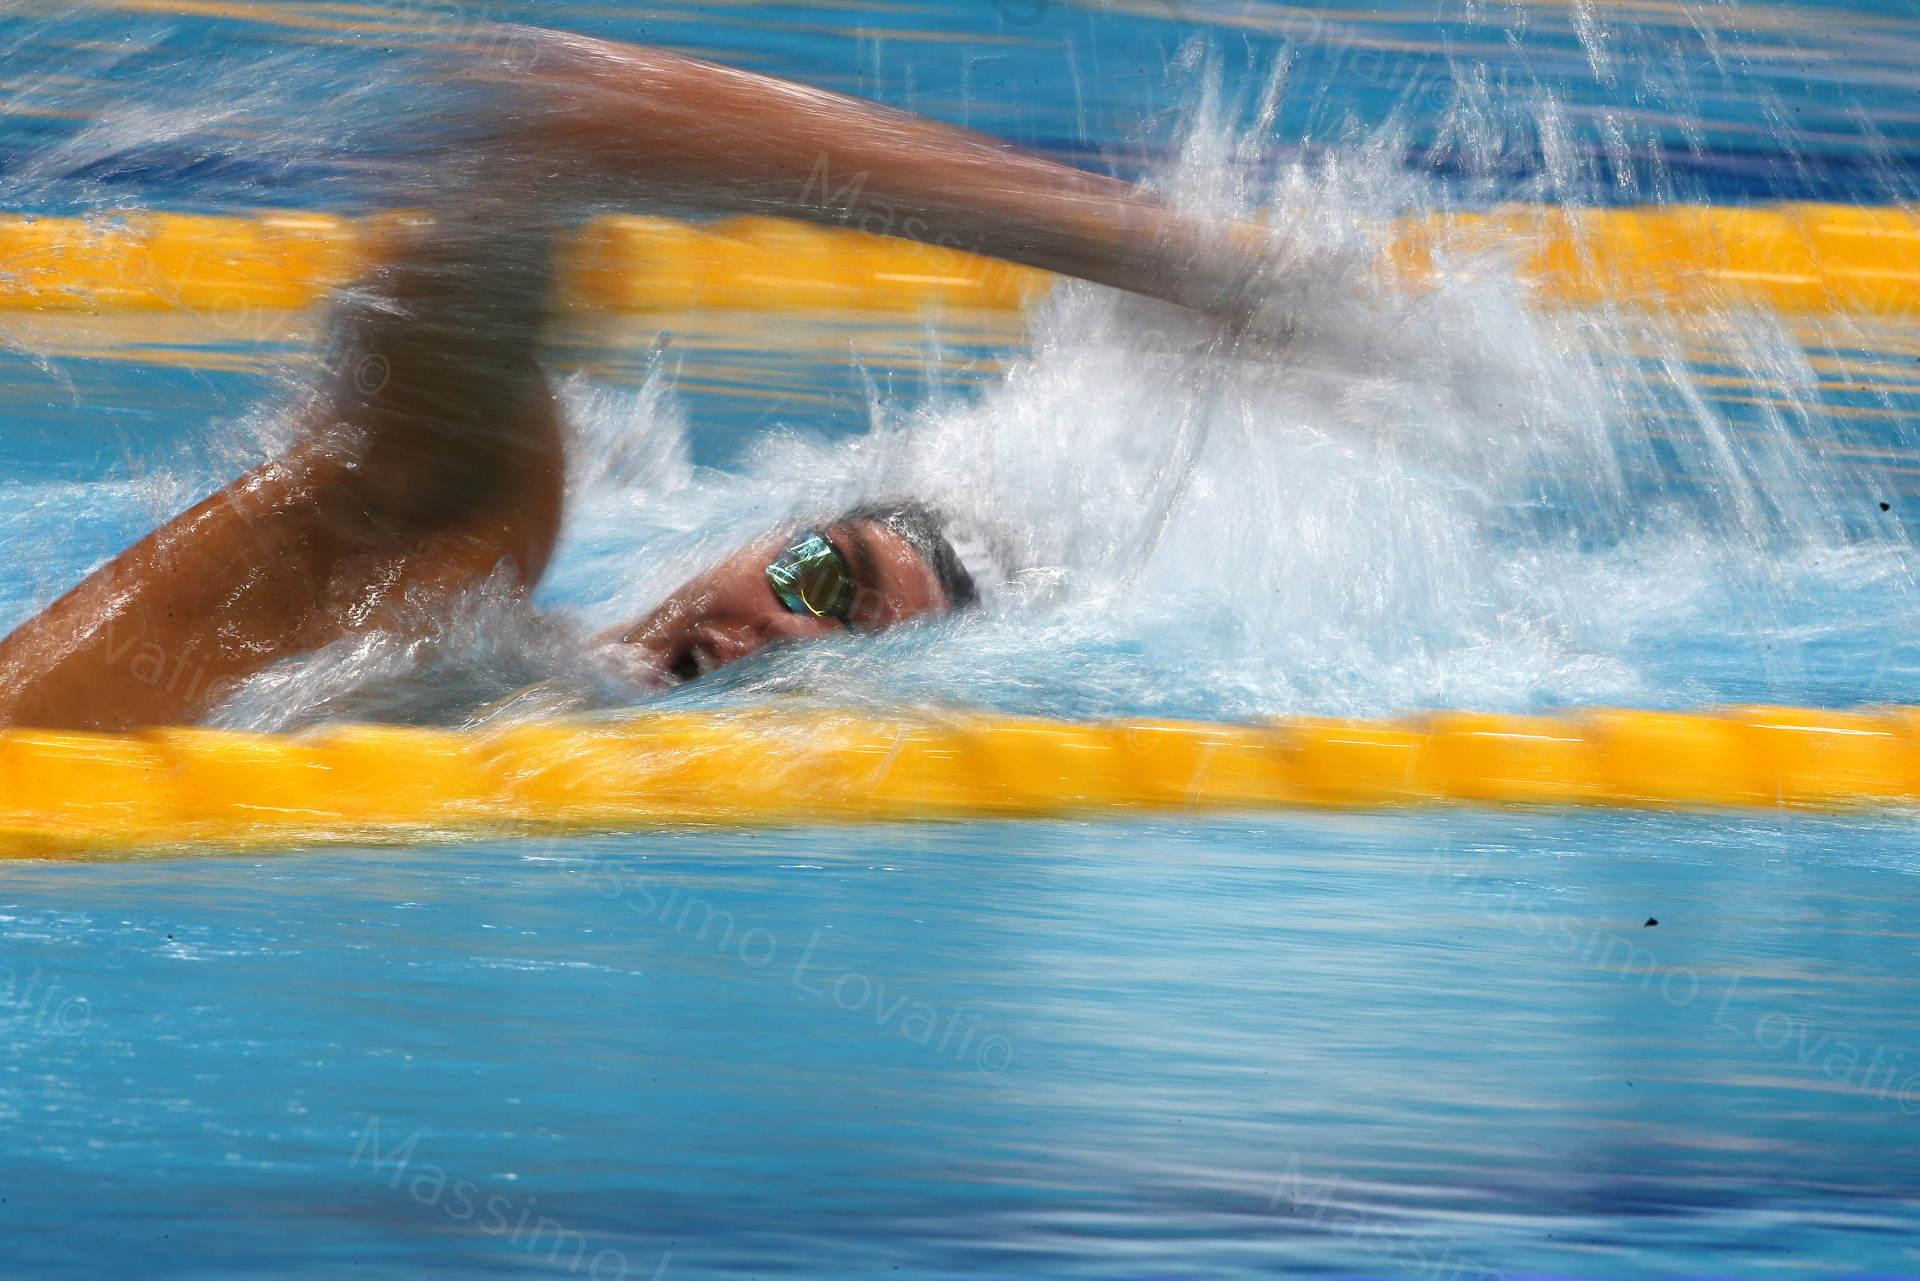 Mondiali FINA 2017, Budapest, Paltrinieri in azione